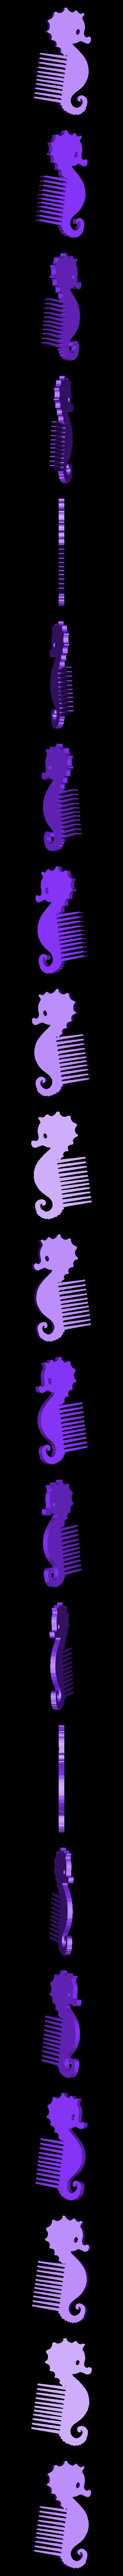 Seahorse.stl Télécharger fichier STL gratuit Fantasy combs ocean - Peignes fantaisie océan • Plan pour imprimante 3D, Julien_DaCosta